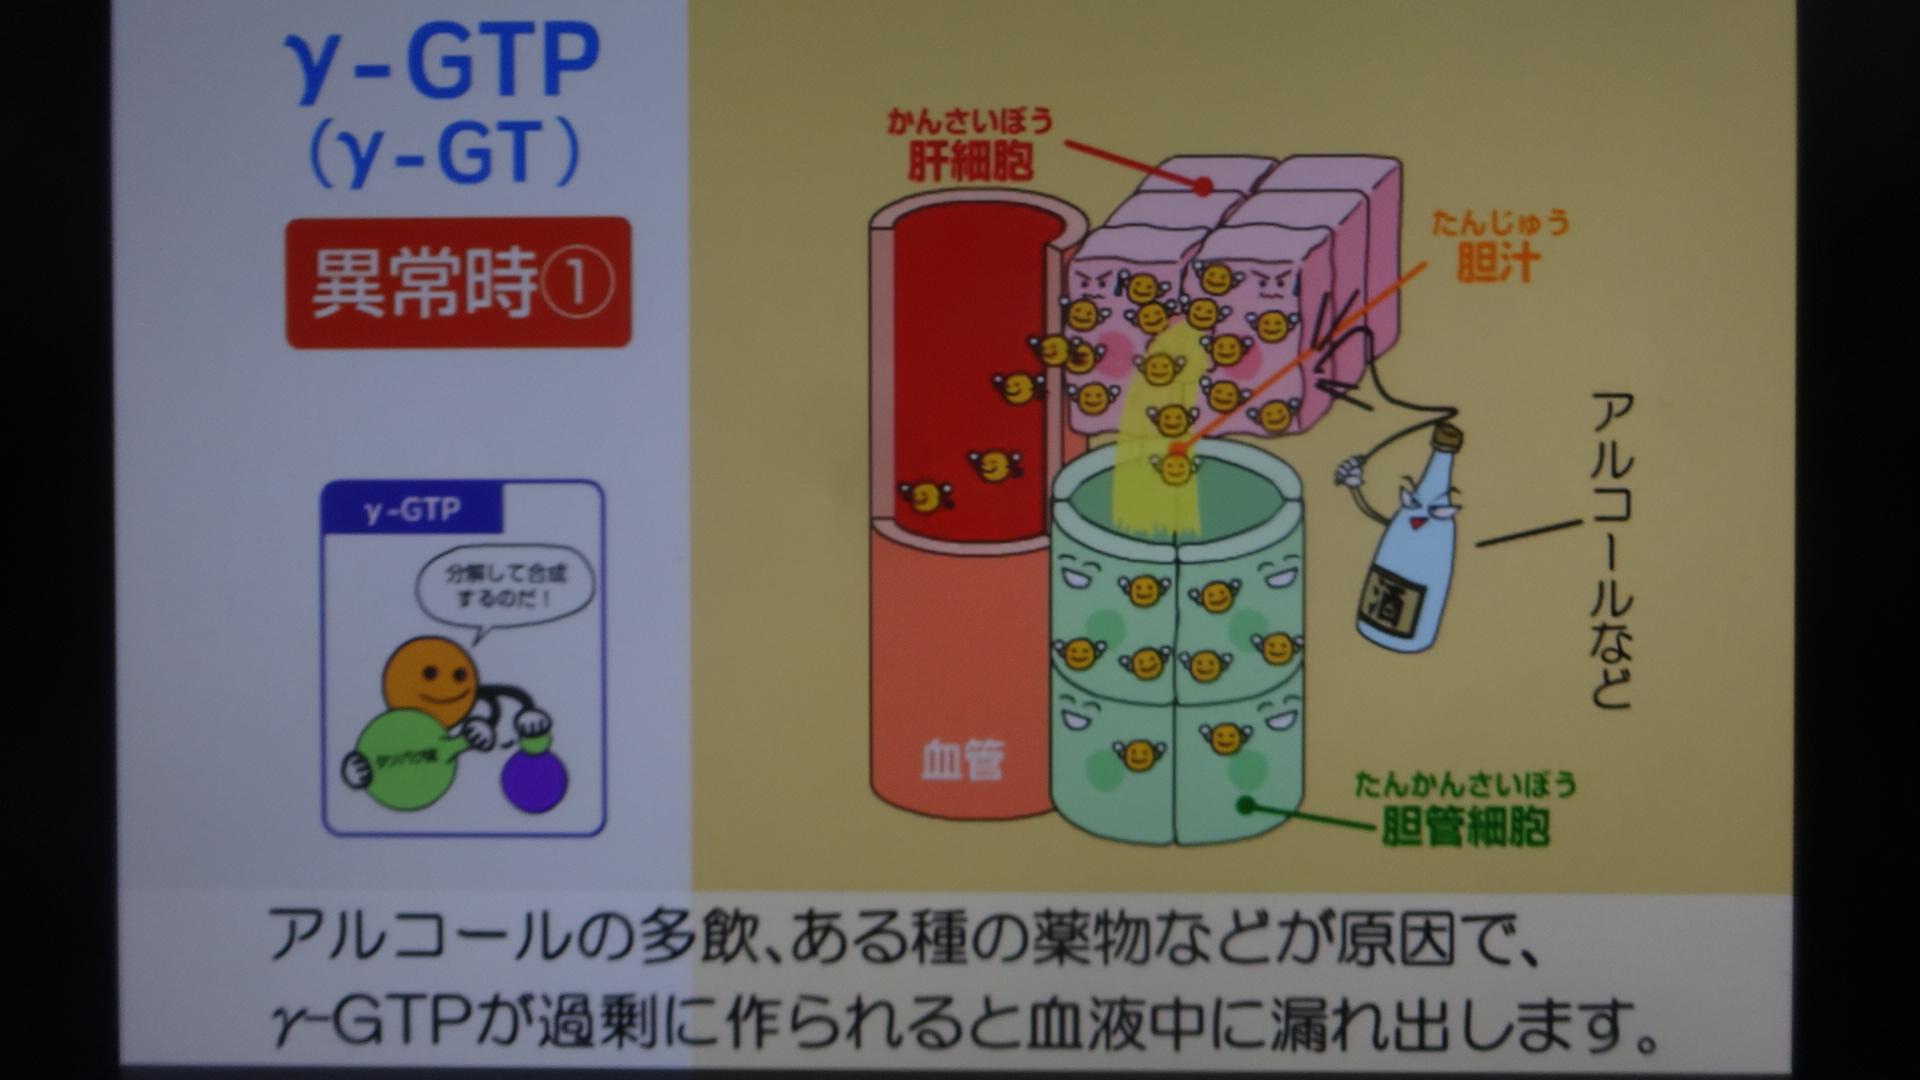 アルコール性肝障害ではγGTPが高くなることを示す図